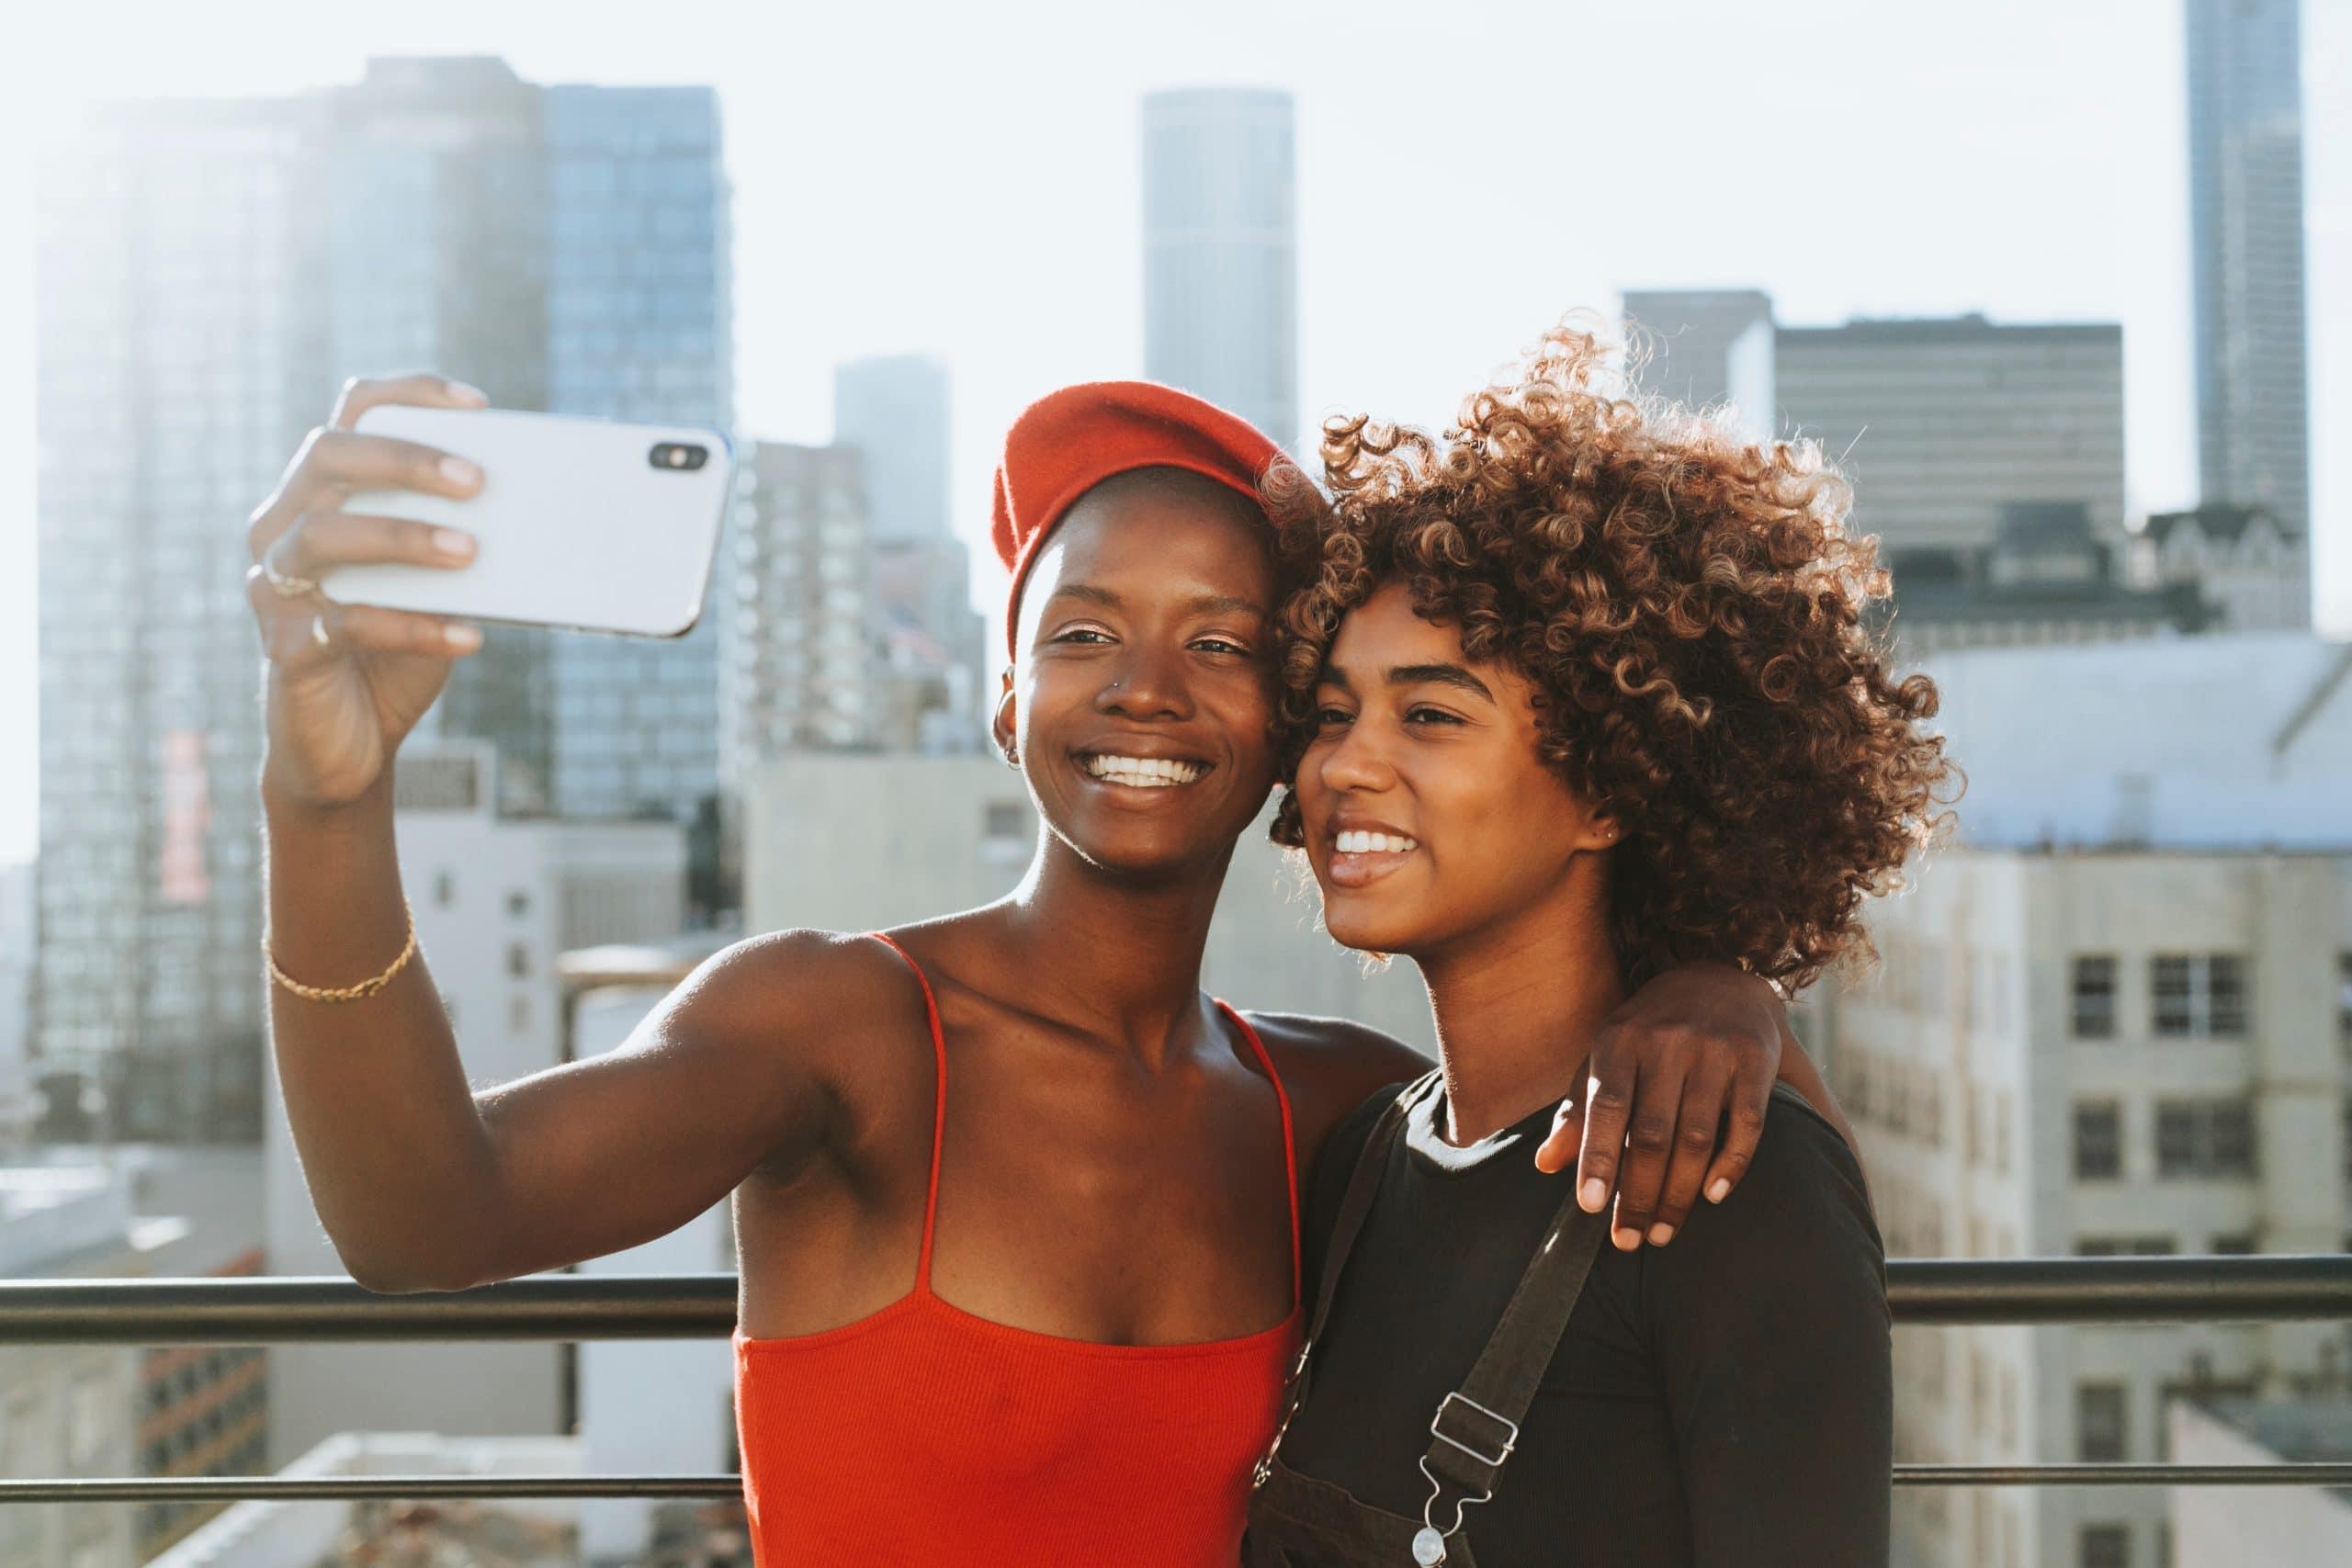 Amigas fazendo selfie